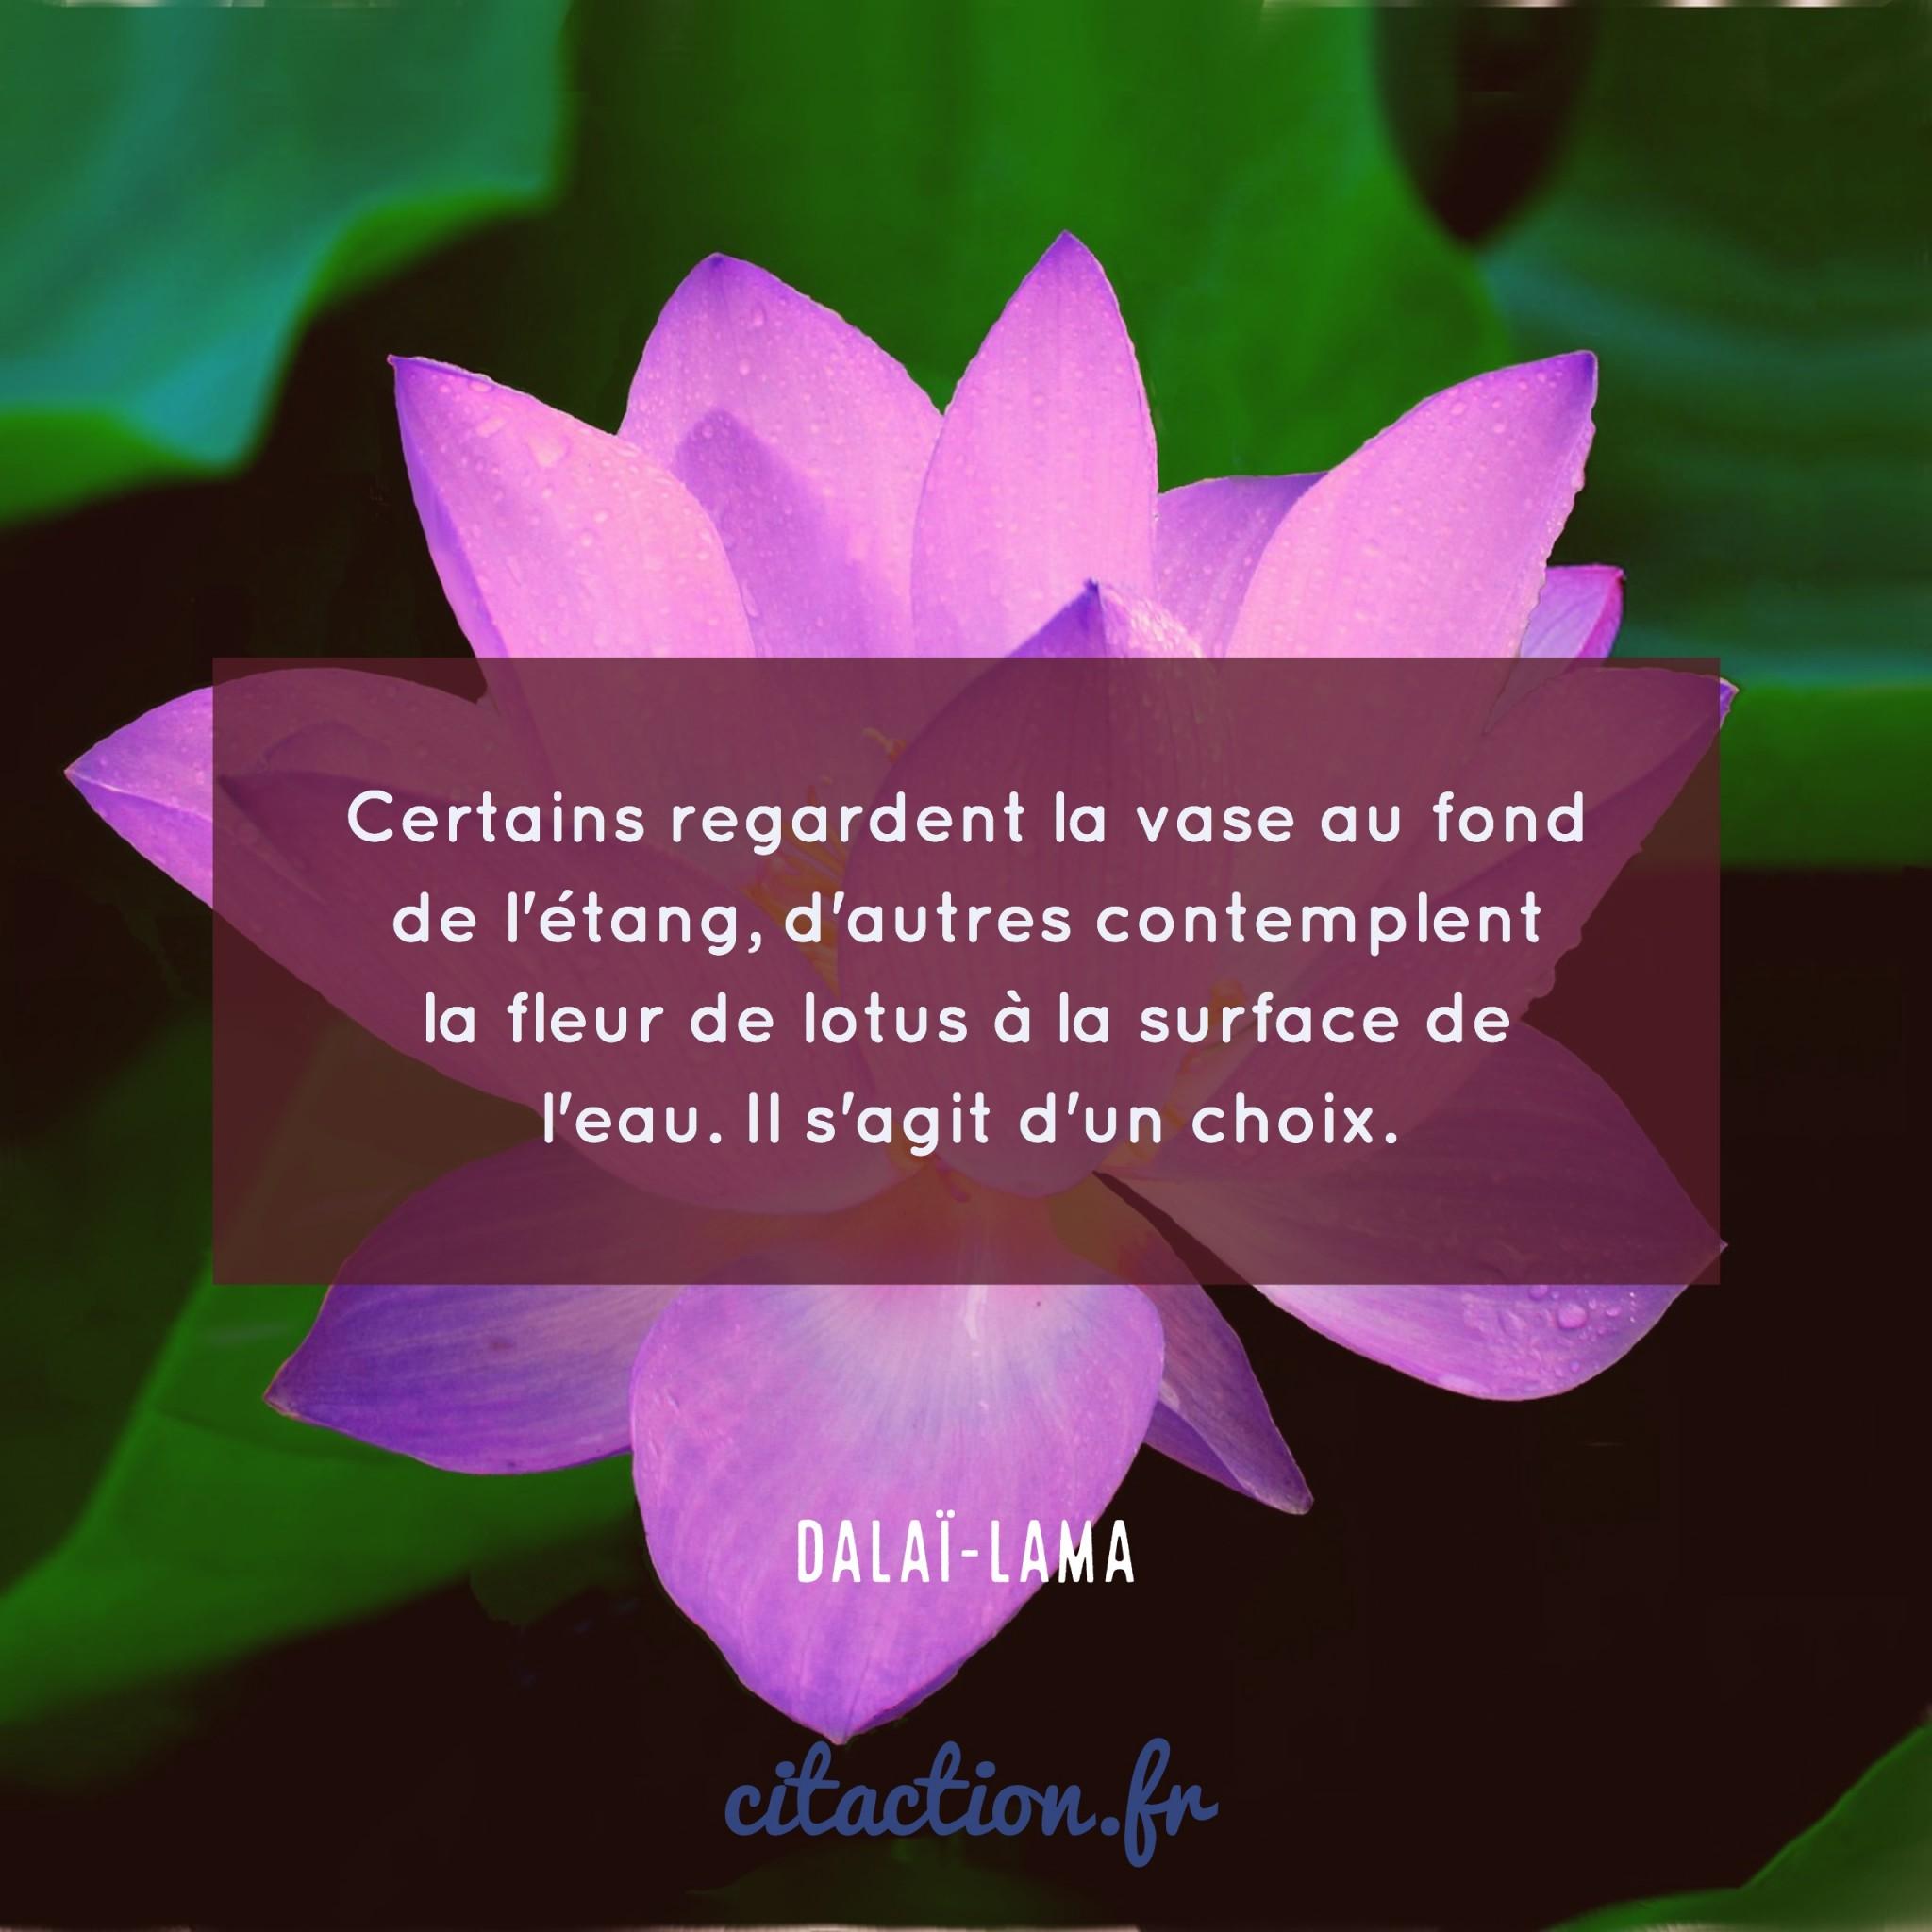 Certains regardent la vase au fond de l'étang, d'autres contemplent la fleur de lotus à la surface de l'eau.